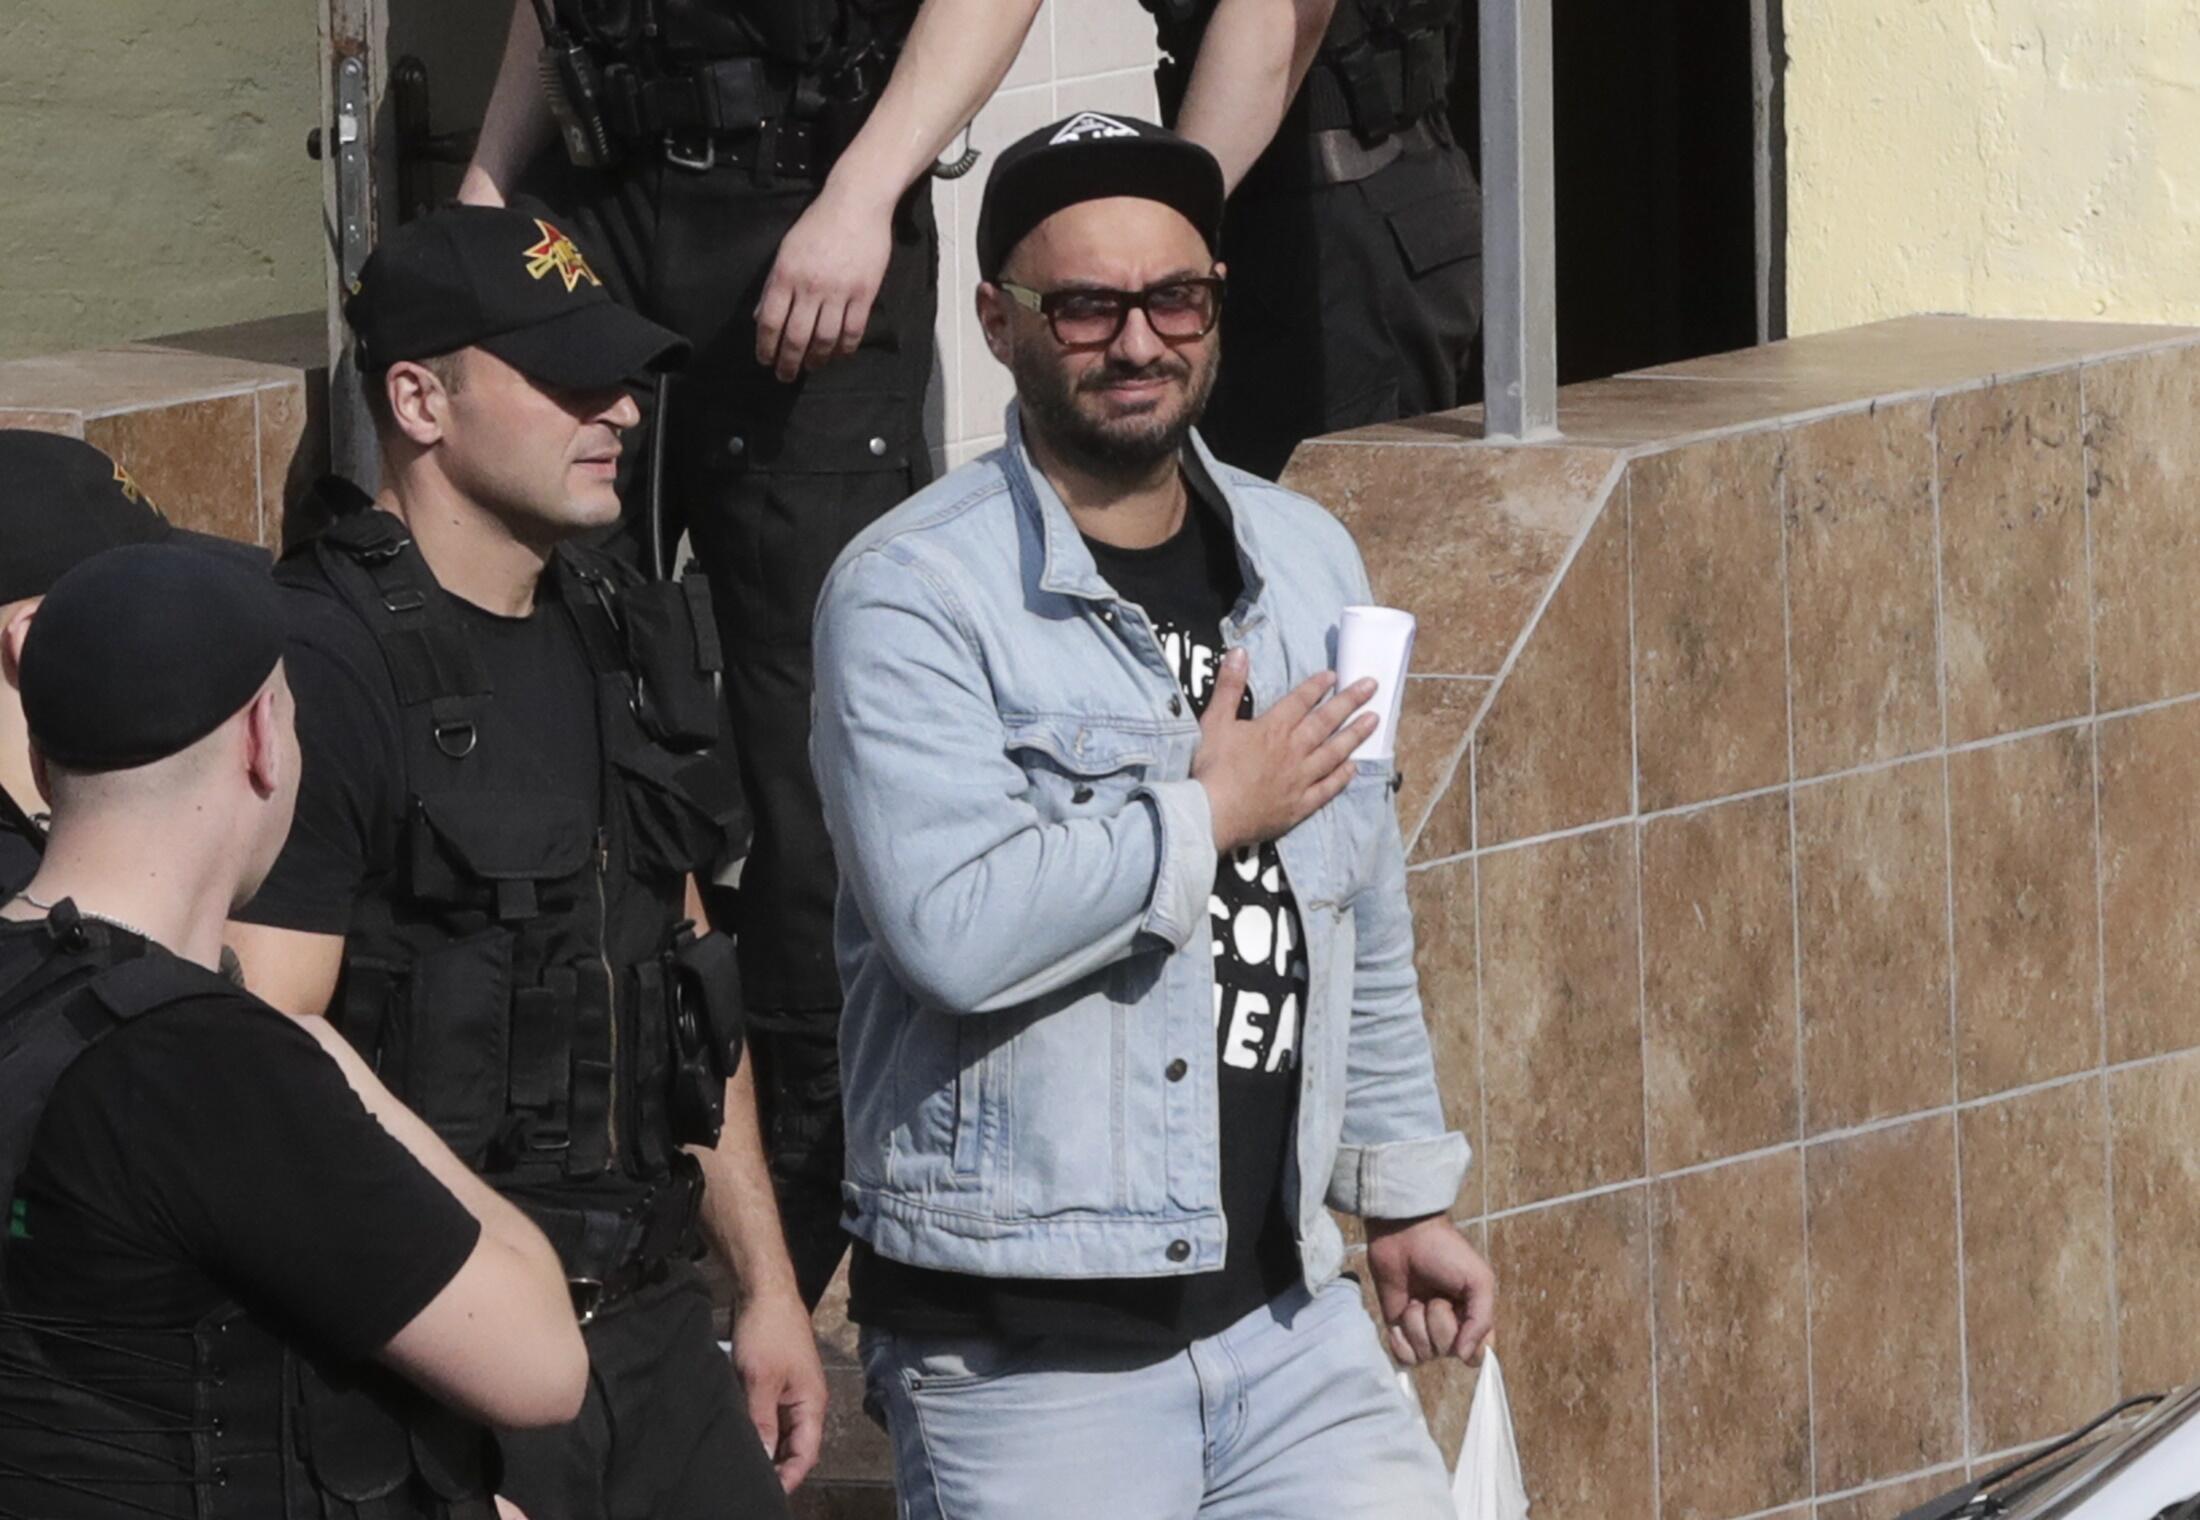 Кирилл Серебренников выходит из здланися суда  в Москве, 22 августа 2017 года.